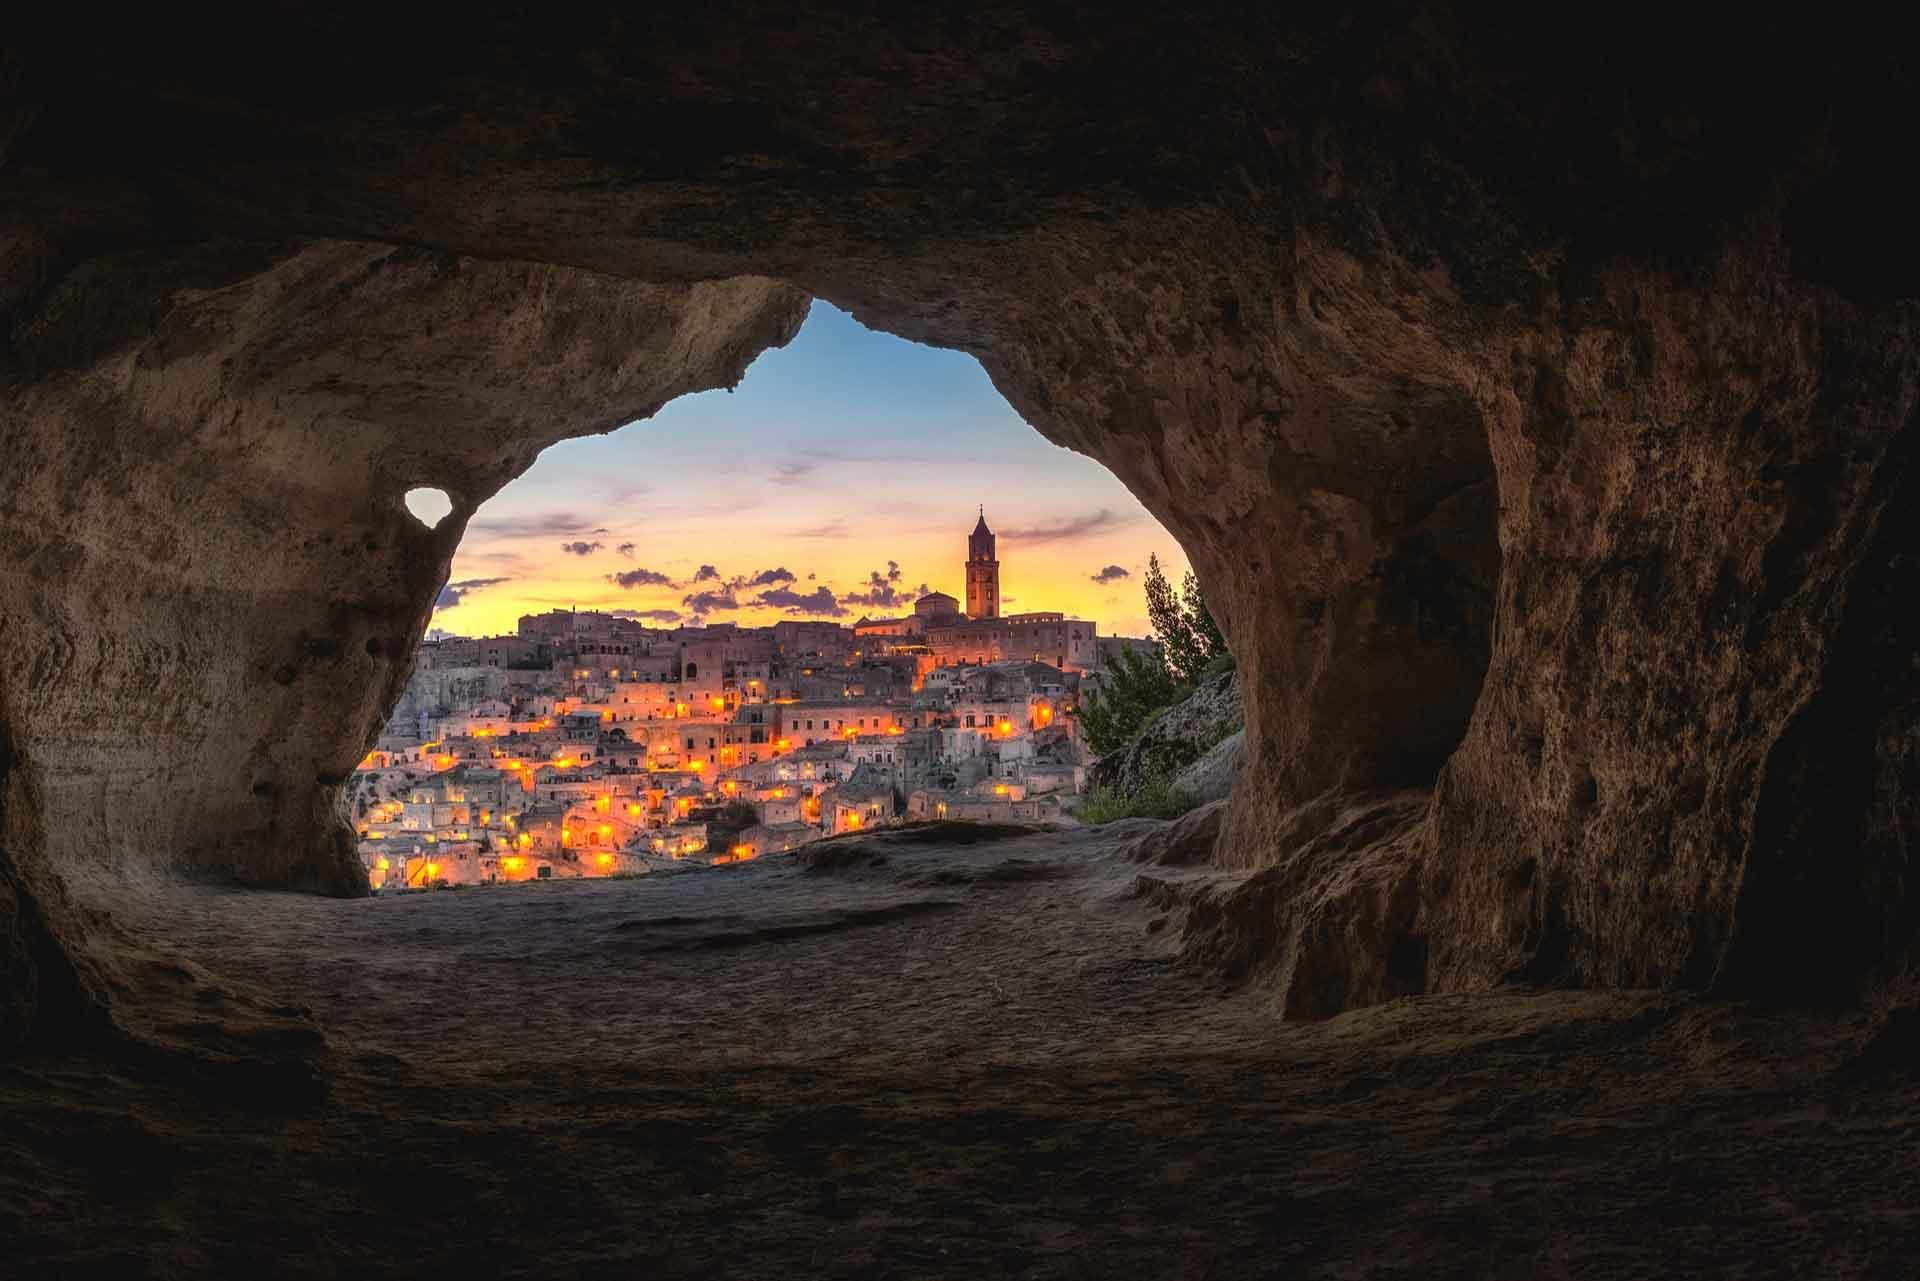 Qué ver en Matera